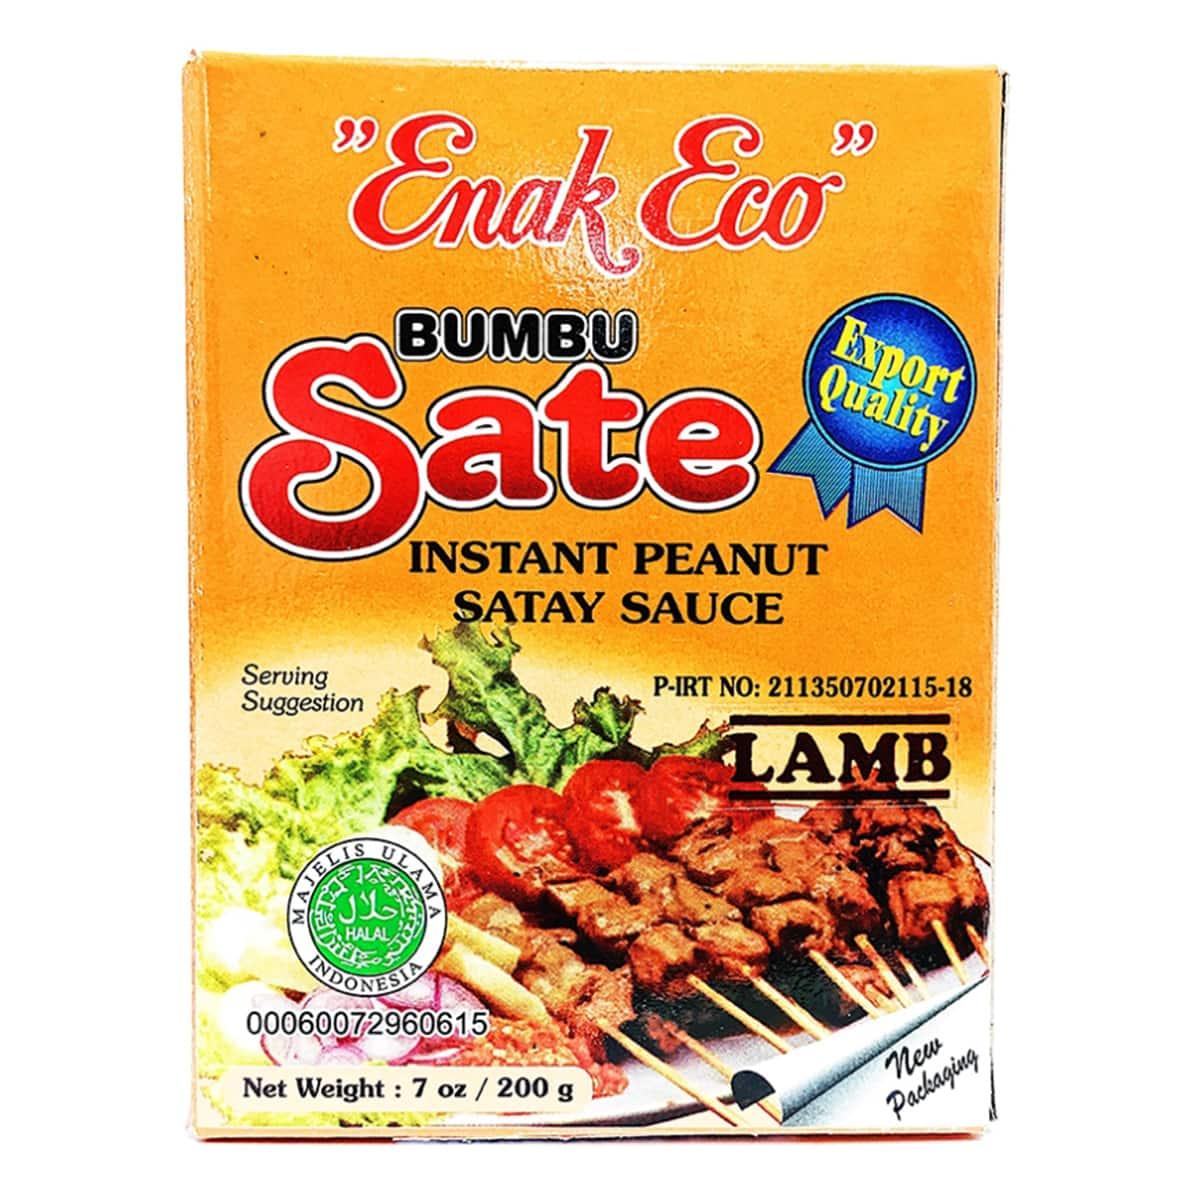 Buy Enak Eco Bumbu Sate (Instant Peanut Satay Sauce) Lamb - 200 gm